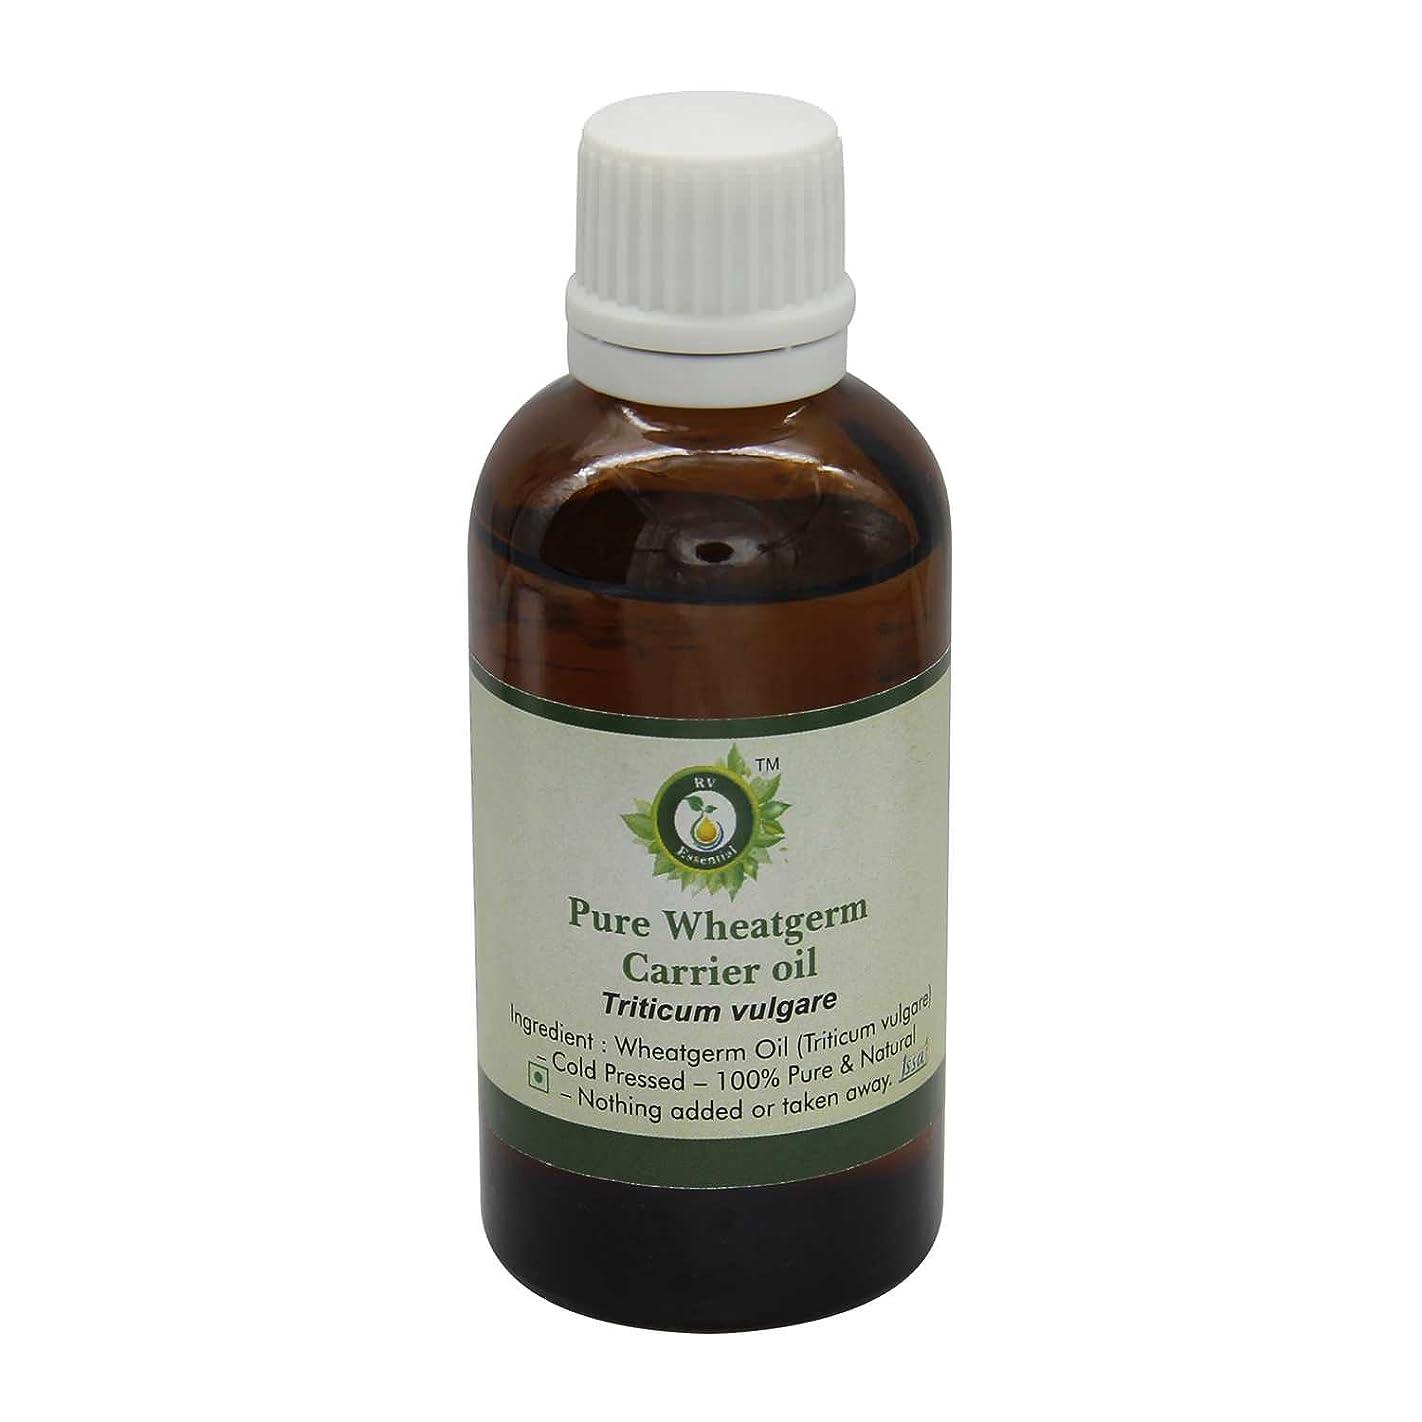 細心の強要砂漠R V Essential ピュア小麦胚芽キャリアオイル15ml (0.507oz)- Triticum Vulgare (100%ピュア&ナチュラルコールドPressed) Pure Wheatgerm Carrier Oil